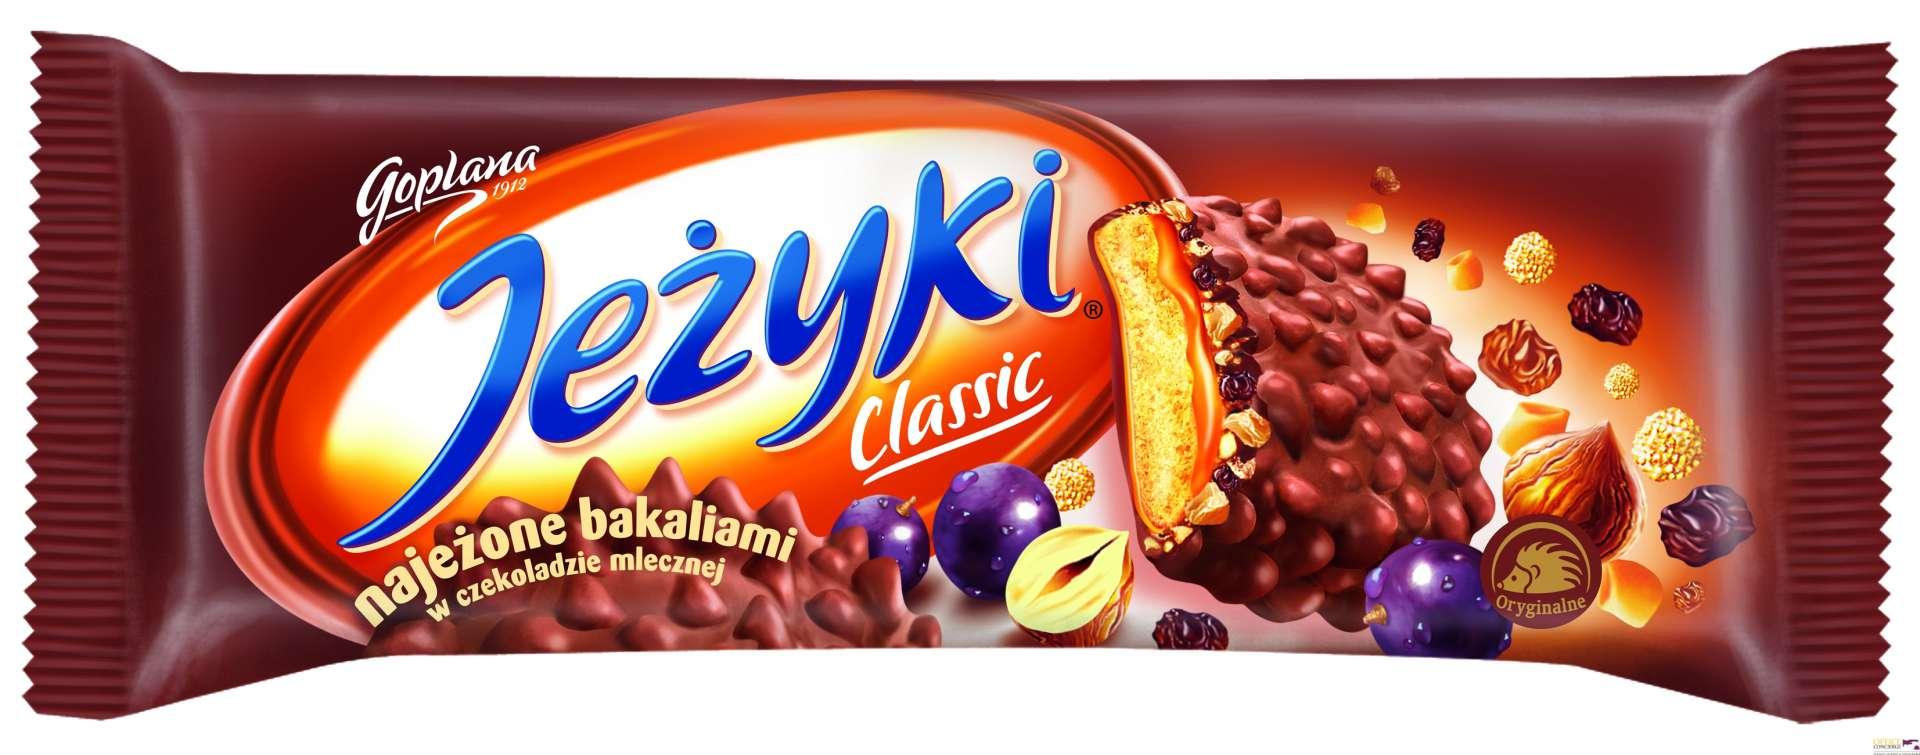 Ciastka JEŻYKI JUTRZENKA 140g Classic